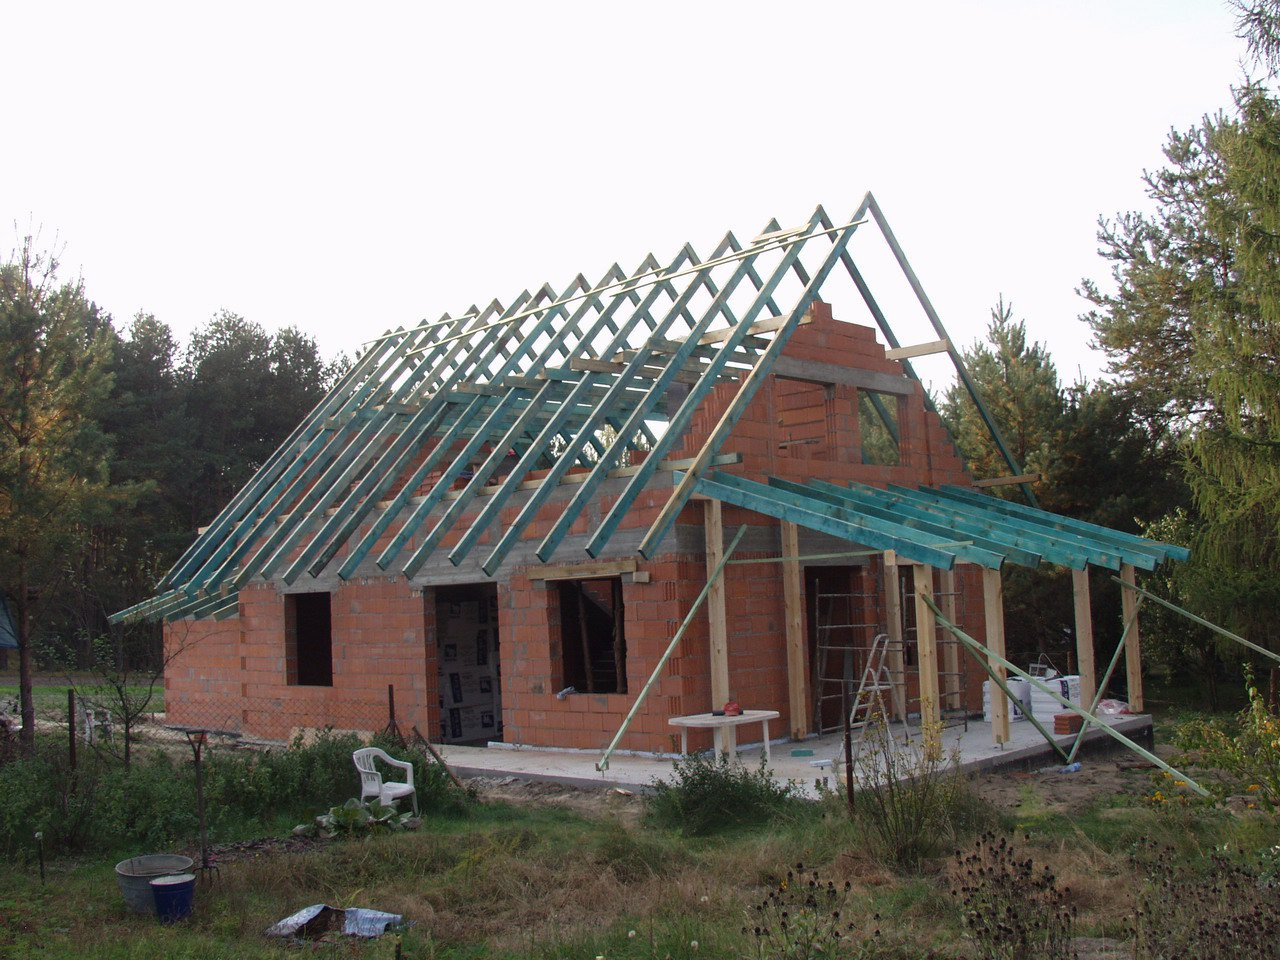 projekt-domu-lesny-zakatek-fot-5-1390379631-zm_ayfyf.jpg